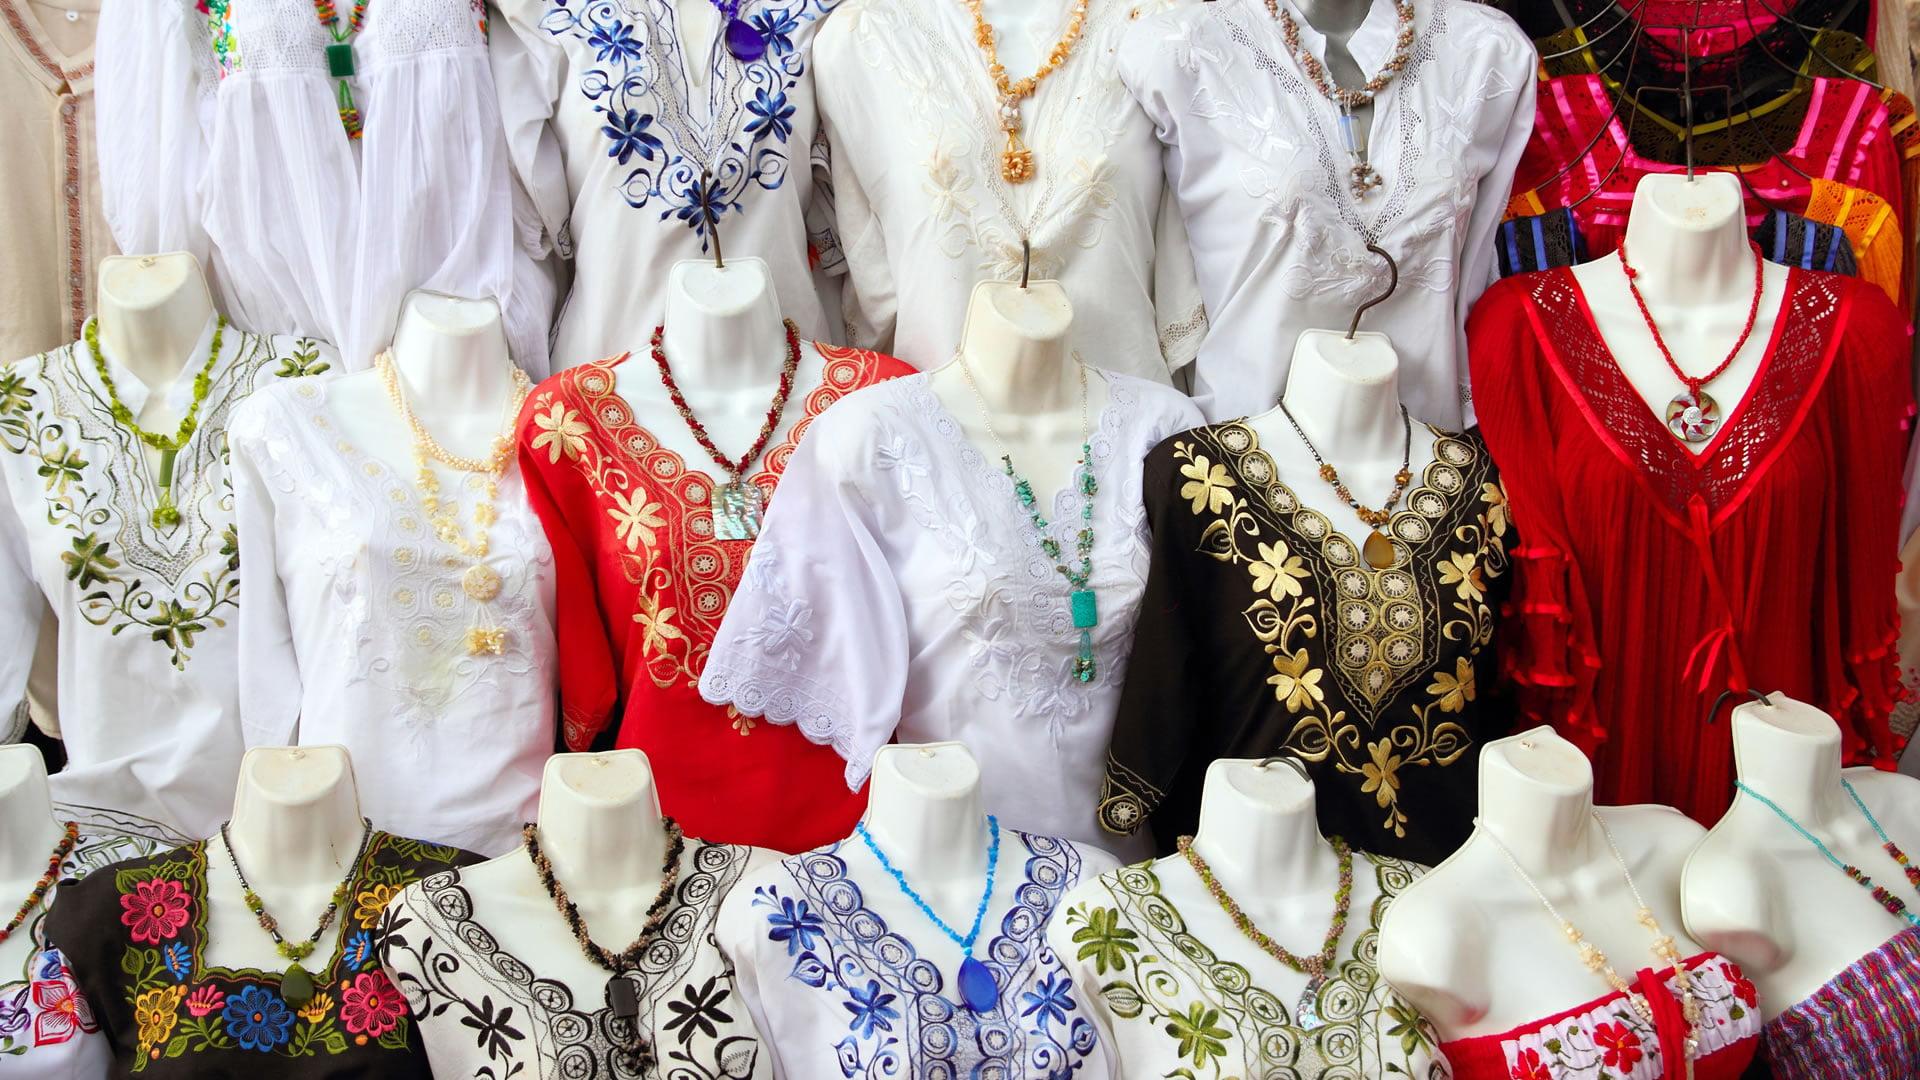 5b3a3f06d La guayabera blanca  el traje típico de Veracruz